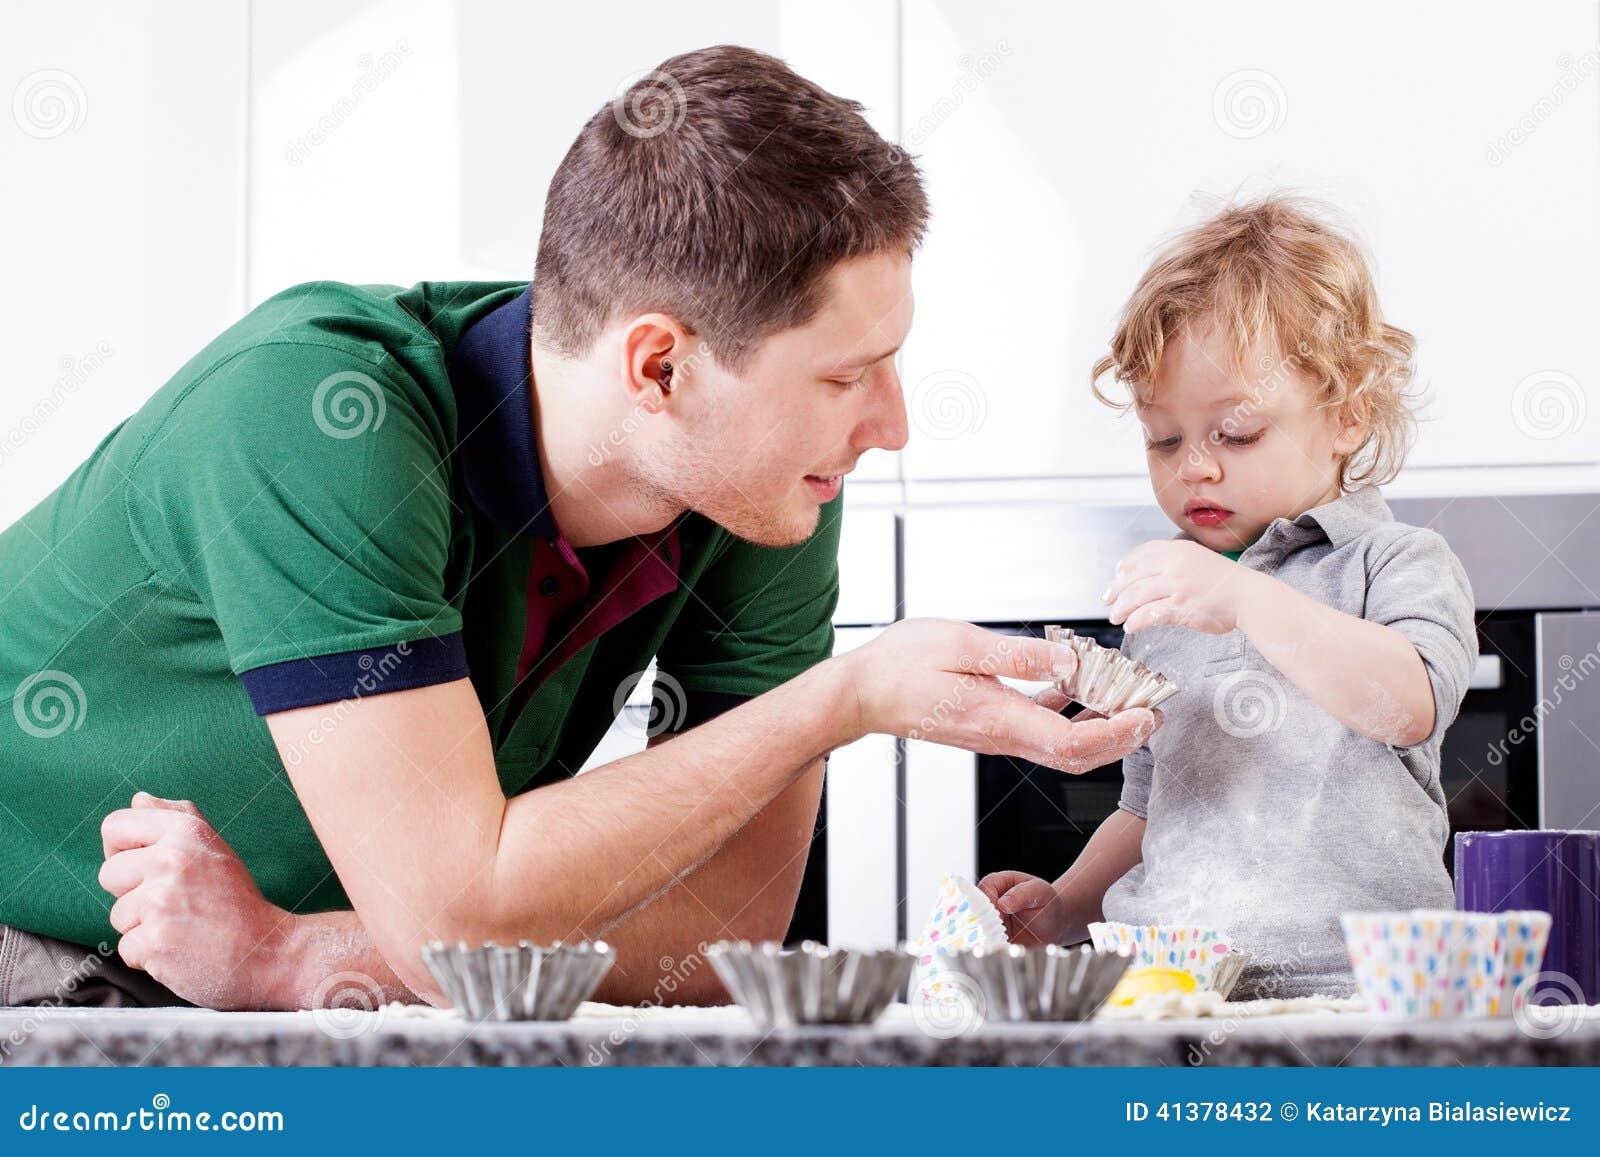 Смотреть мама обучает сына любви